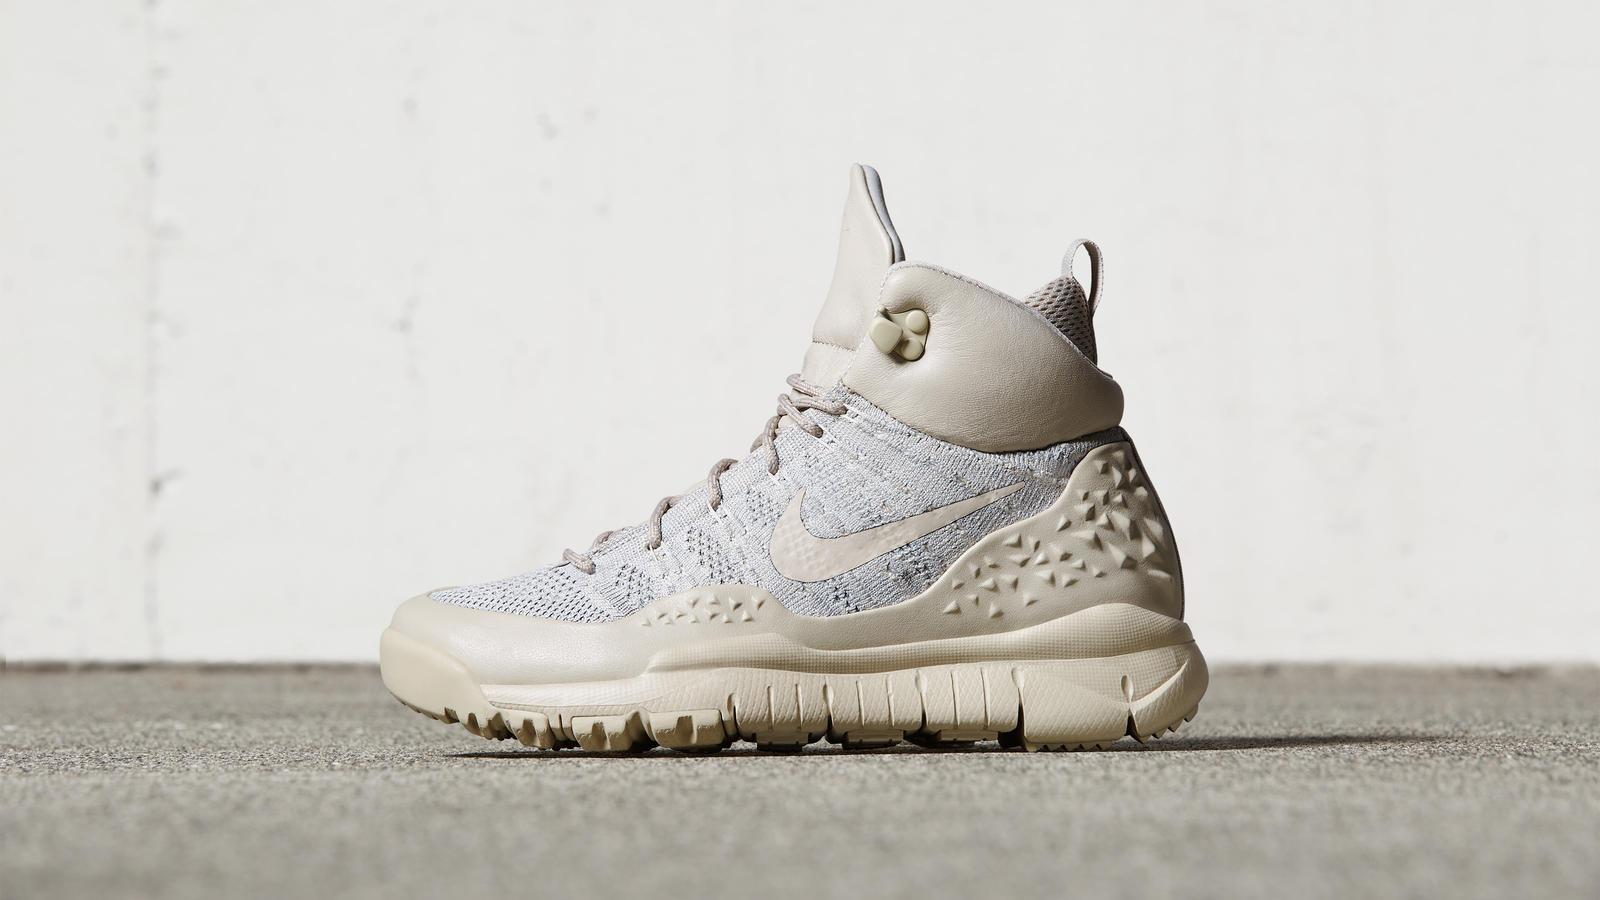 161026_footwear_sneakerboot_p_0031r_hd_1600